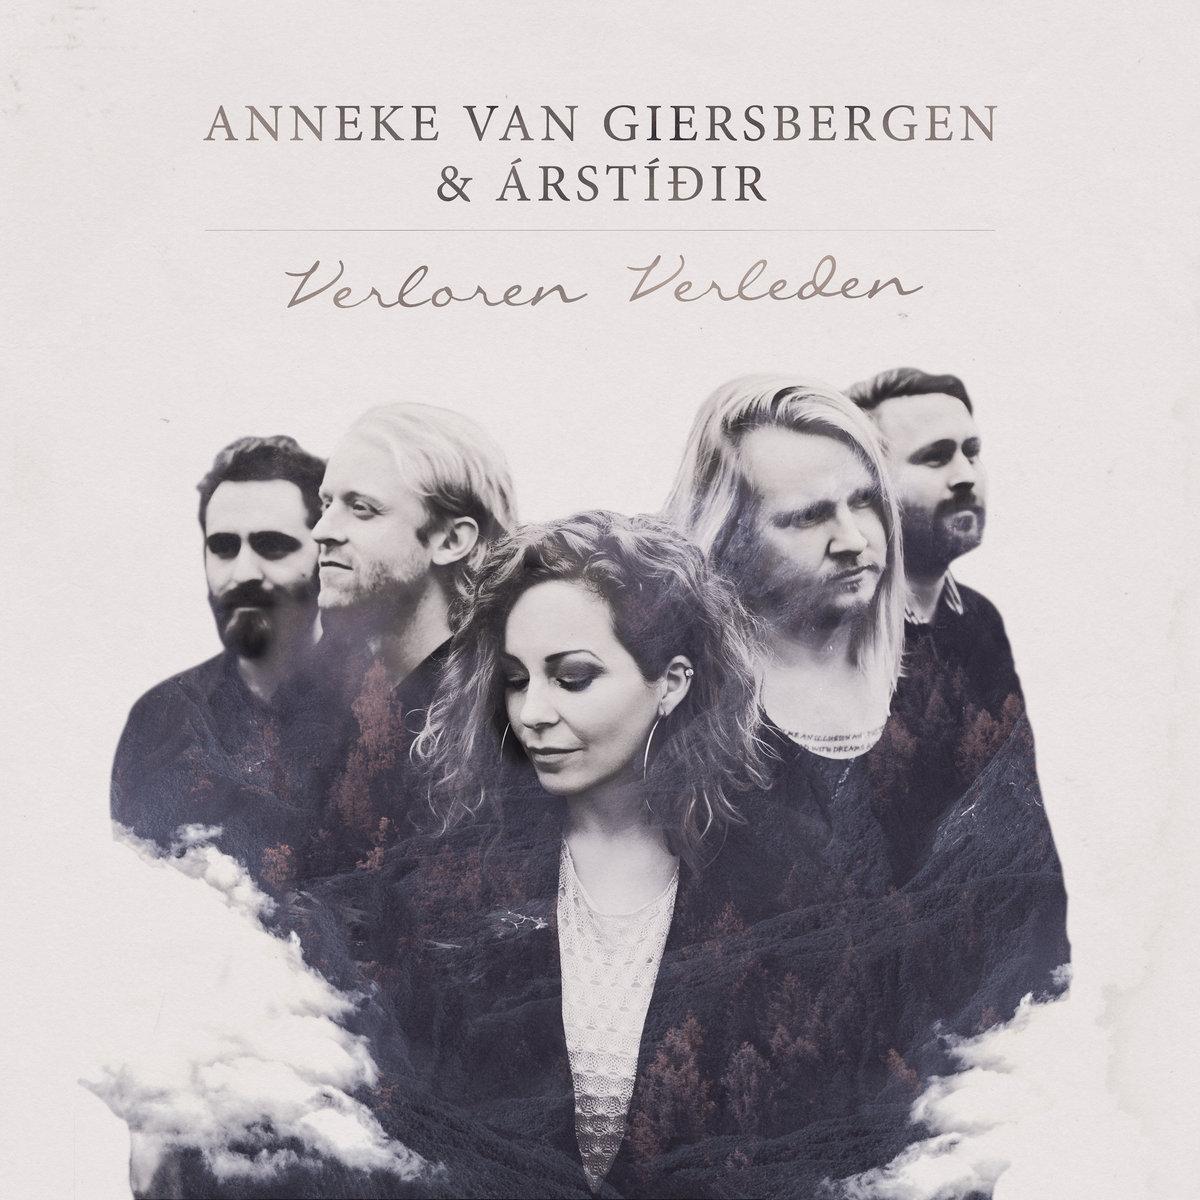 Image result for Anneke Van Giersbergen & Arstidir - Verloren Verleden